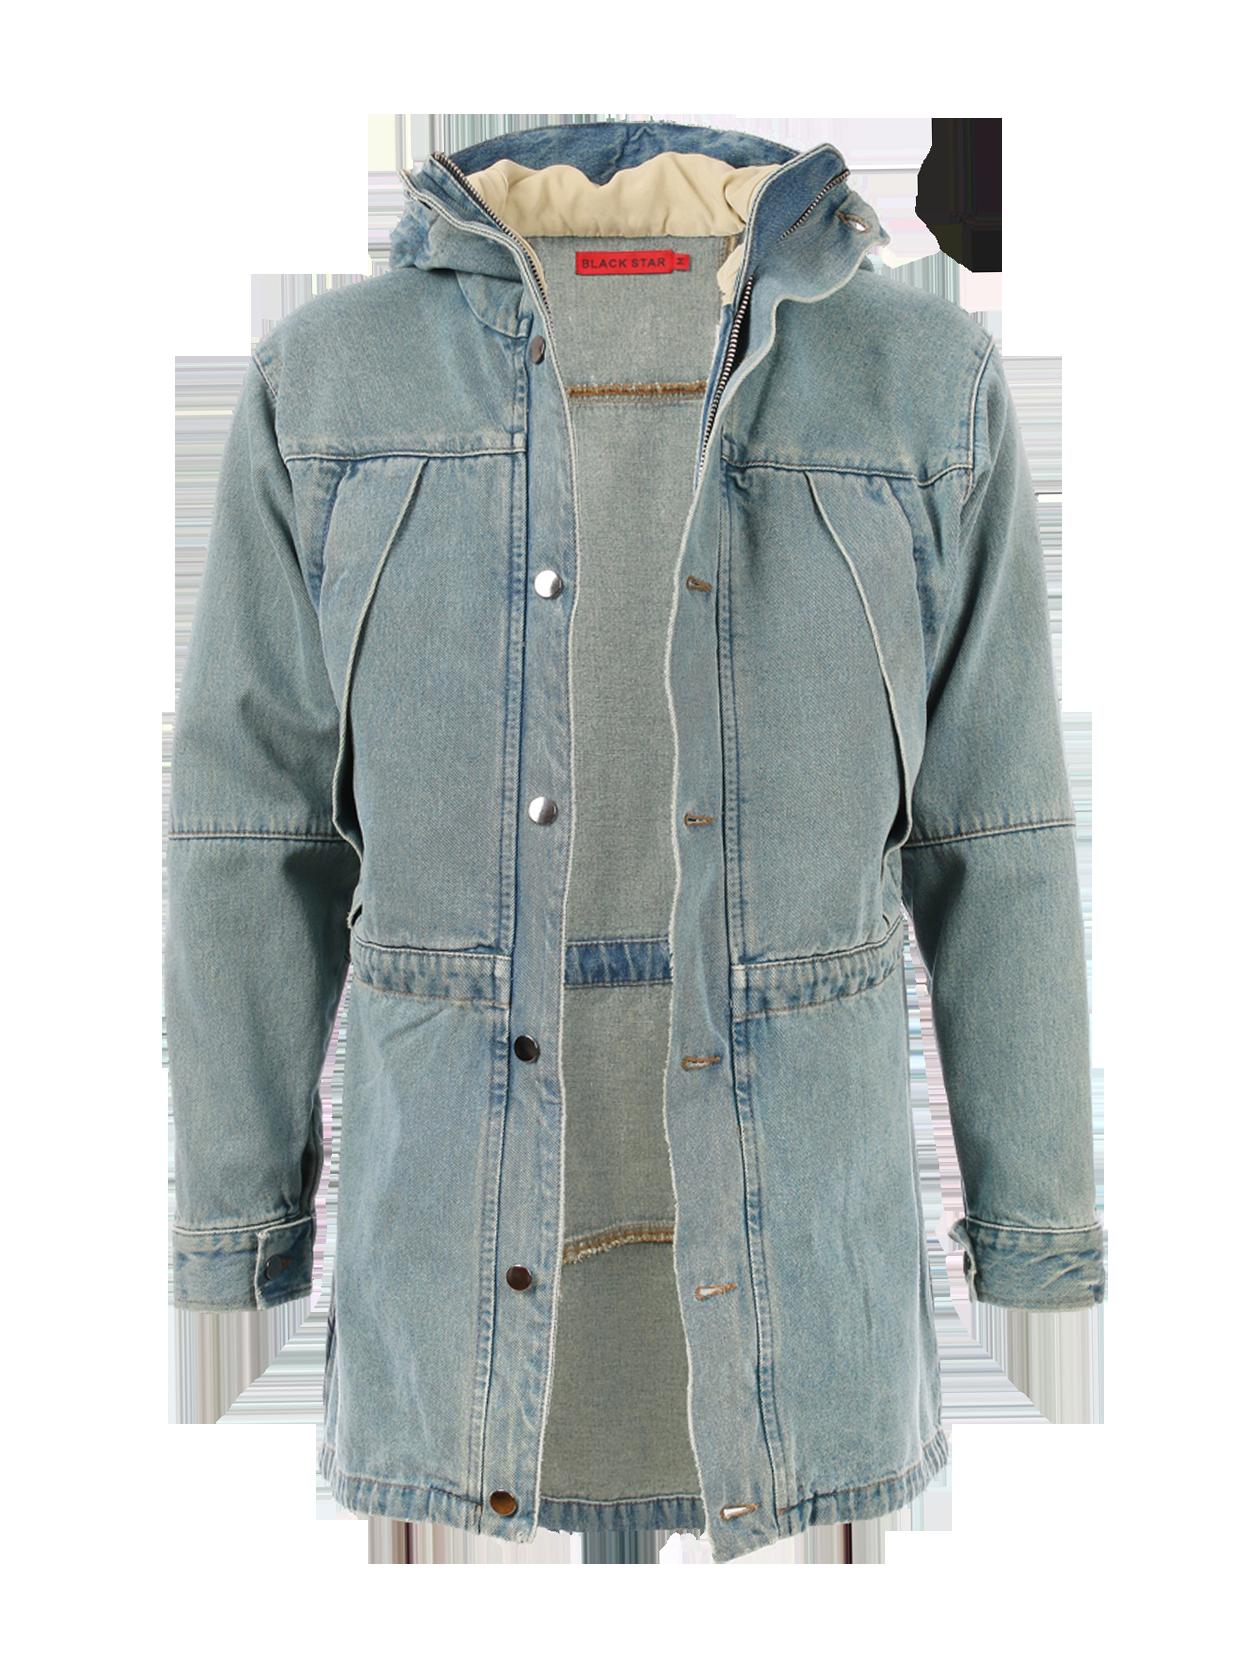 Unisex jeans jacket 13Куртка джинсовая унисекс из капсульной коллекции Тимати 13. Классический крой, длина до середины бедра. Модель с капюшоном на подкладке, застёгивается на молнию и пуговицы. Нагрудные карманы на змейке под клапанами. На талии и по нижнему краю шнурки, регулирующие плотность прилегания.<br><br>size: L<br>color: Blue<br>gender: female